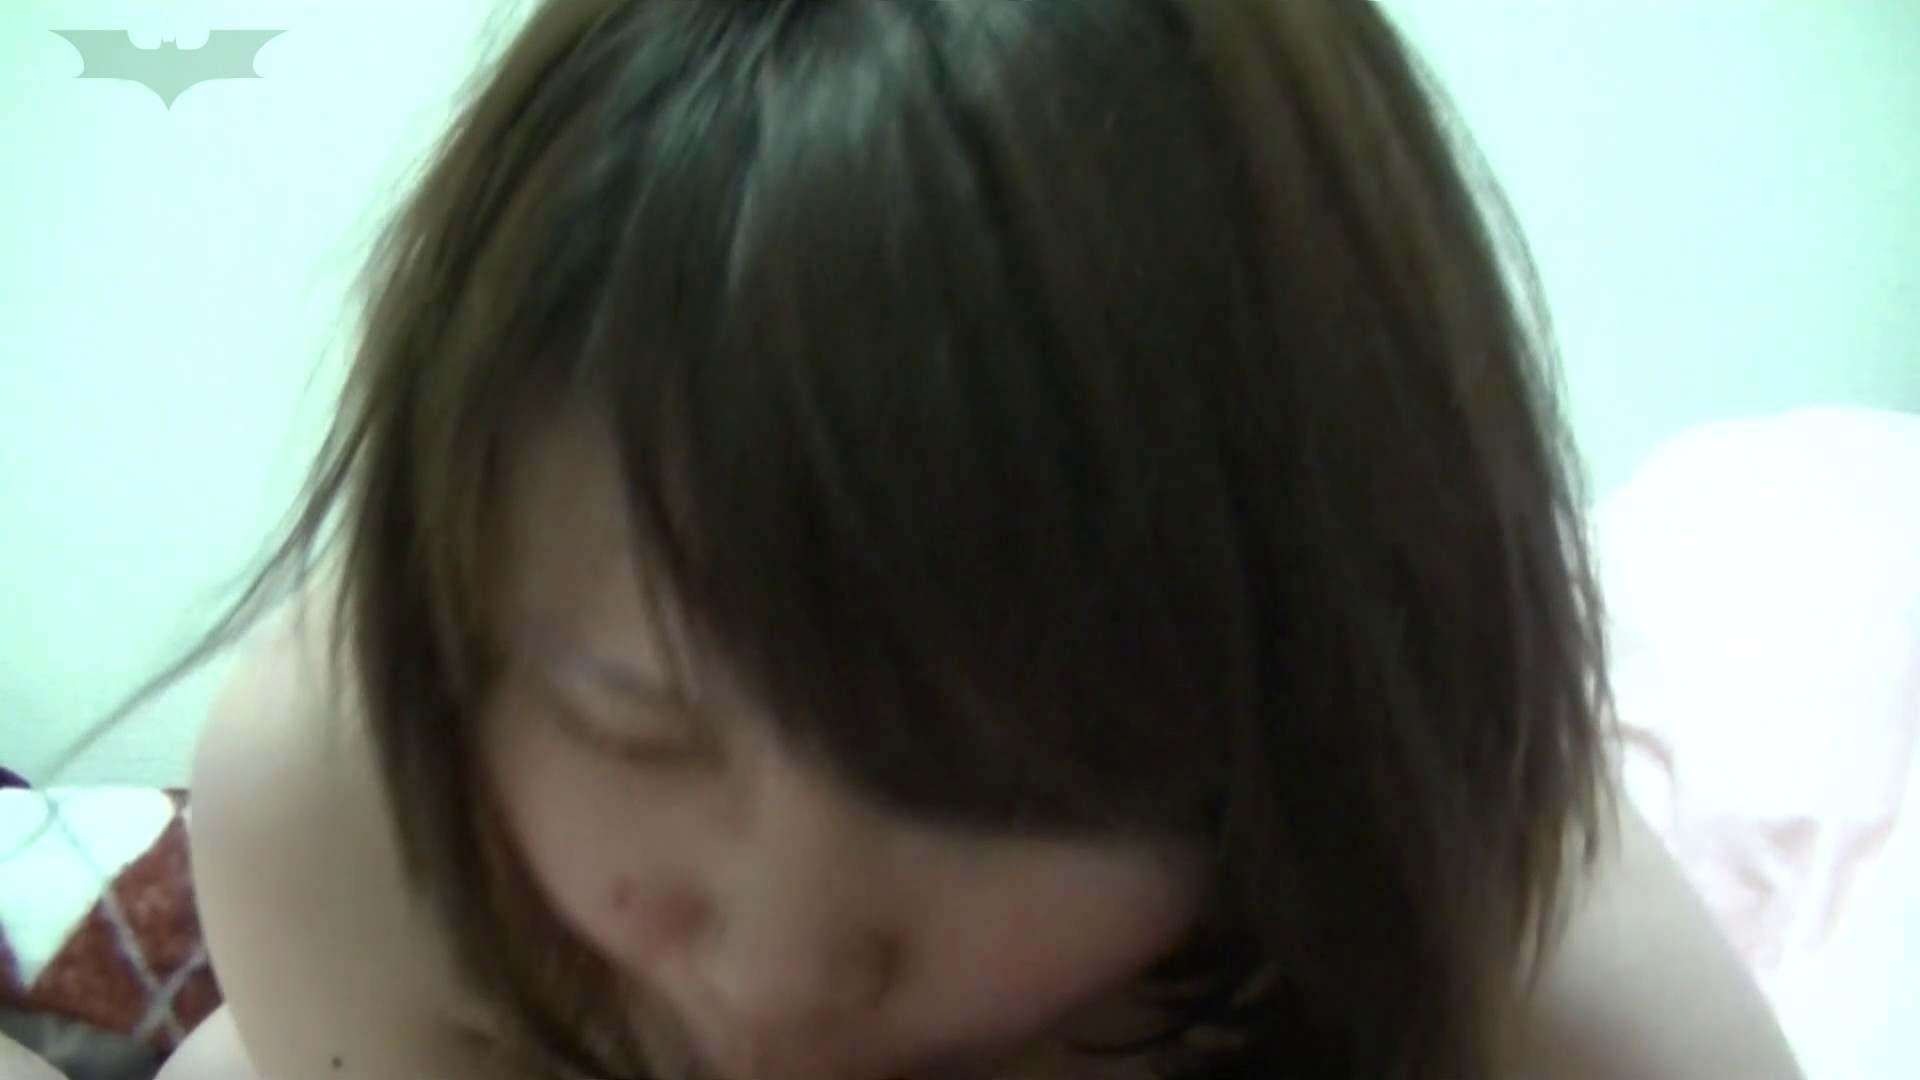 闇の花道Vol.08 影対姪っ子絶対ダメな調教関係Vol.02 期間限定動画  79枚 78